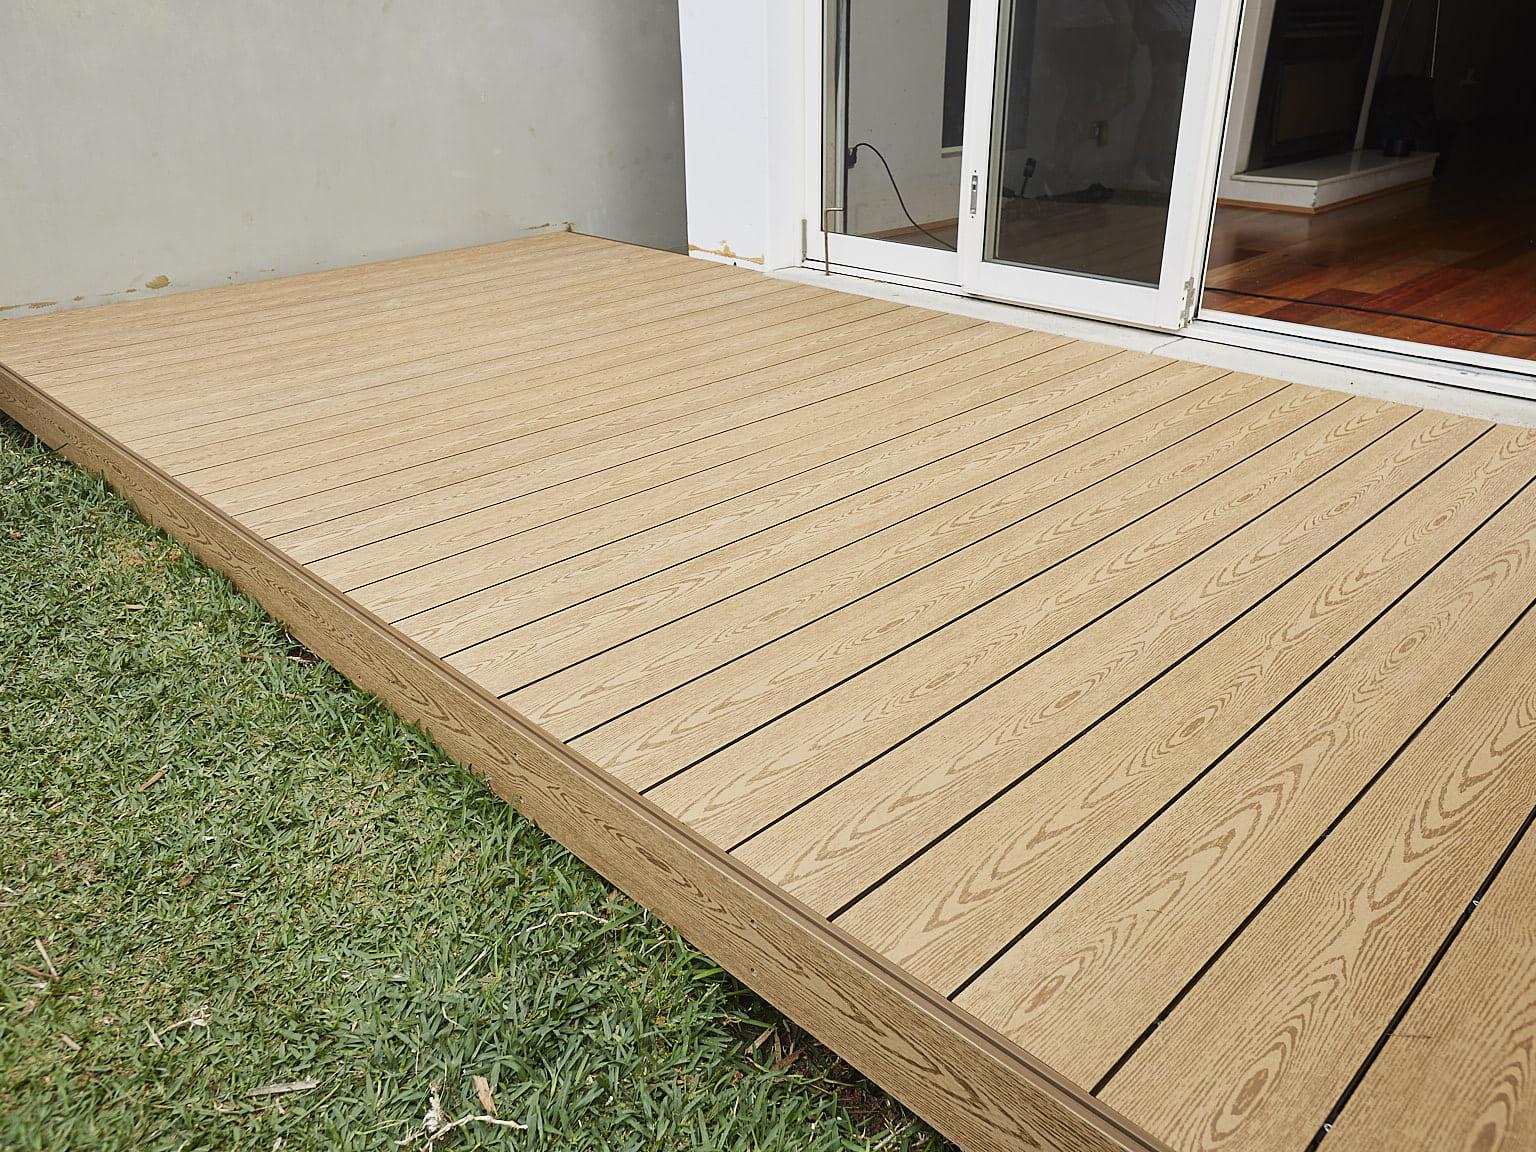 Sàn nhà ngoài trời được làm ra từ gỗ nhựa composite